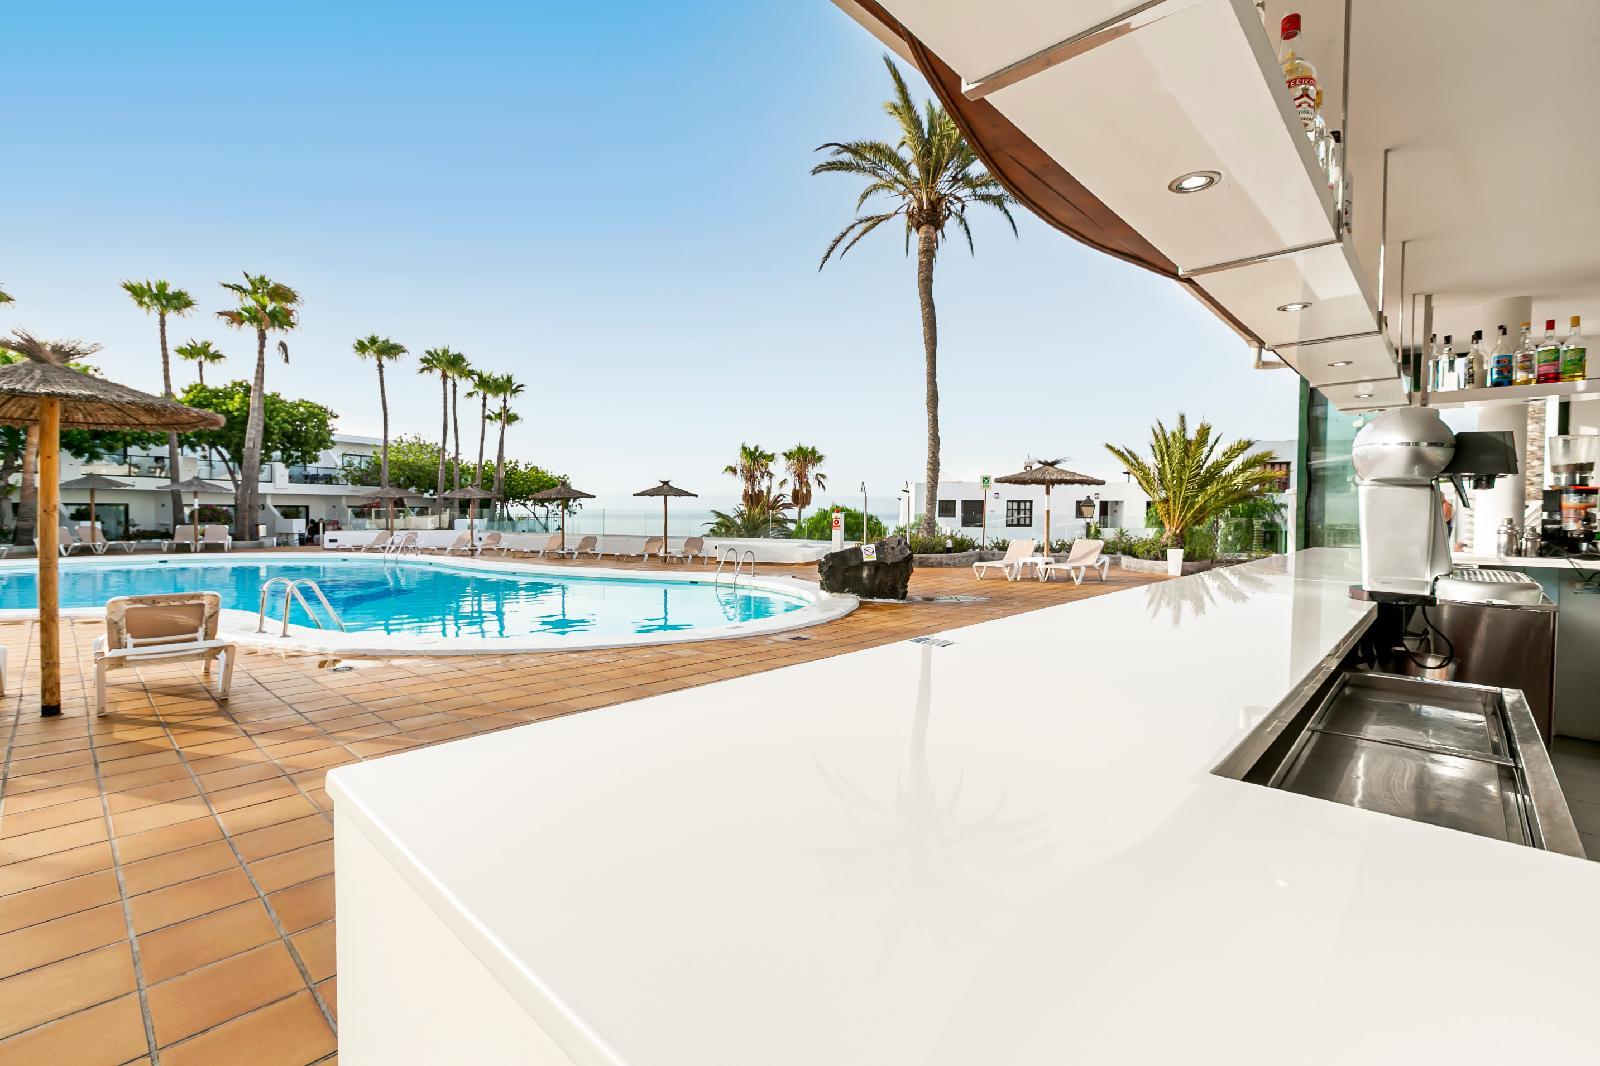 Viajes a lanzarote desde 178 ofertas de vacaciones y - Apartamentos baratos en puerto del carmen ...